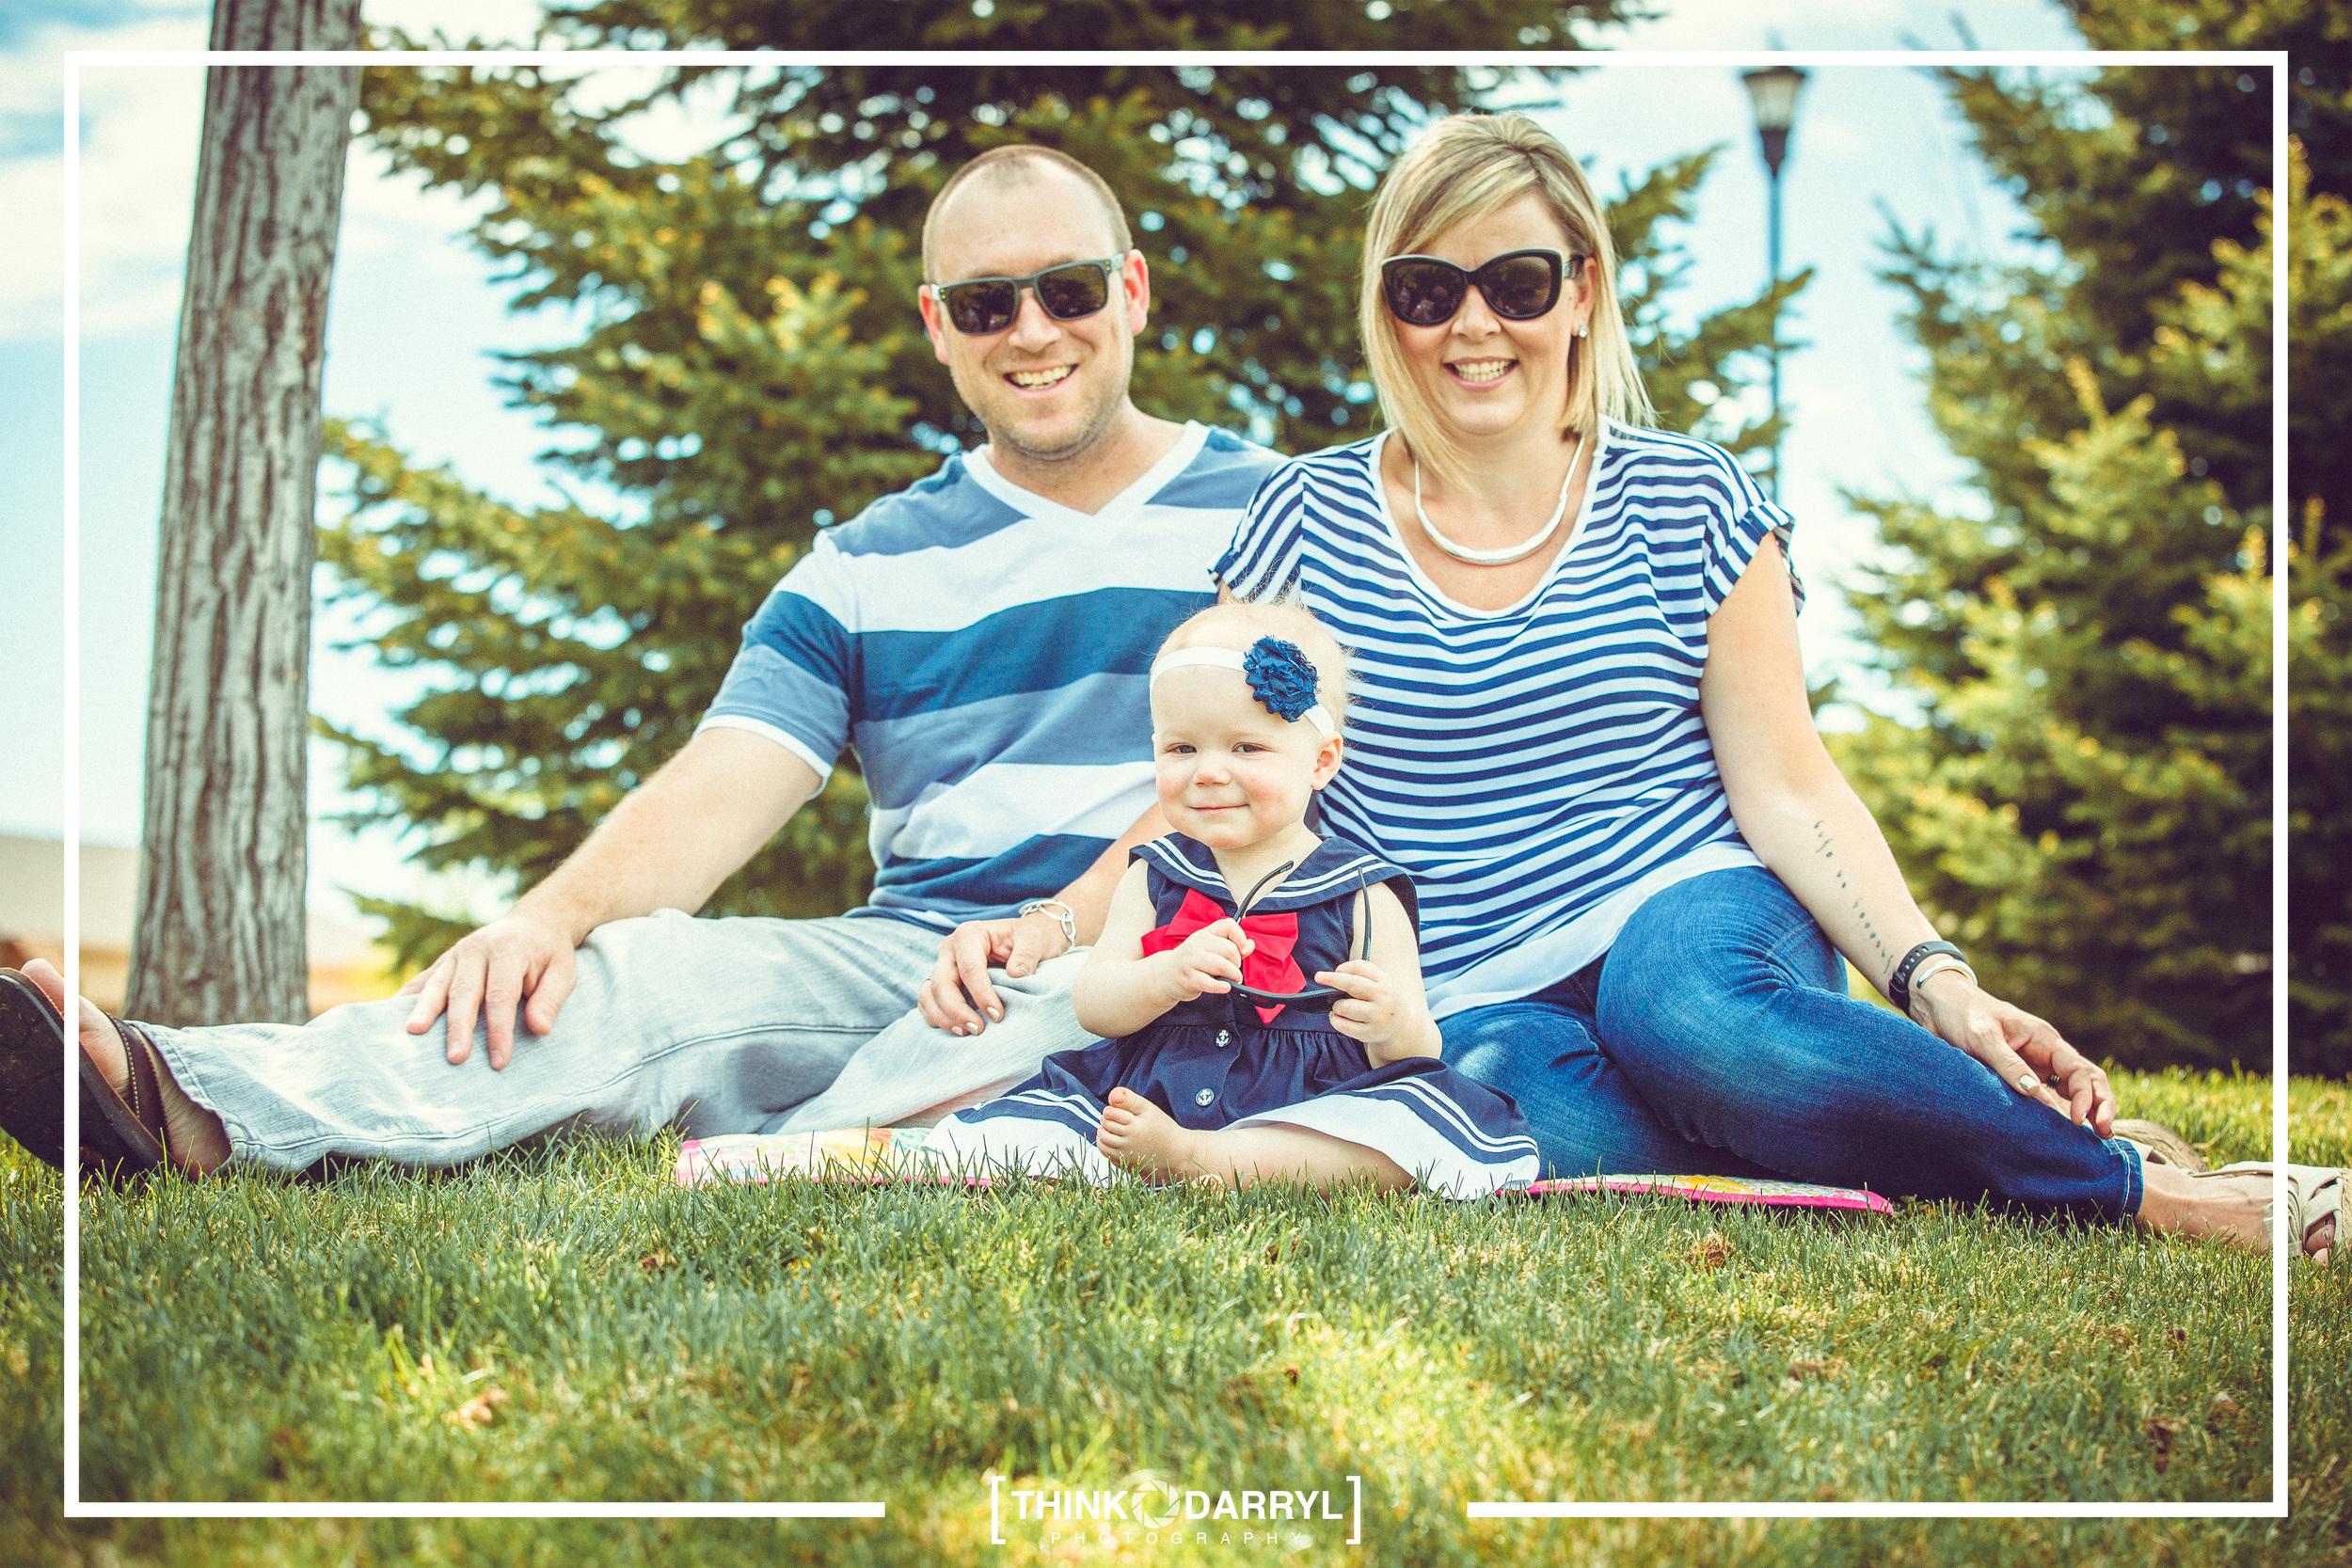 Spriggs Family-Family Photographer in Denver